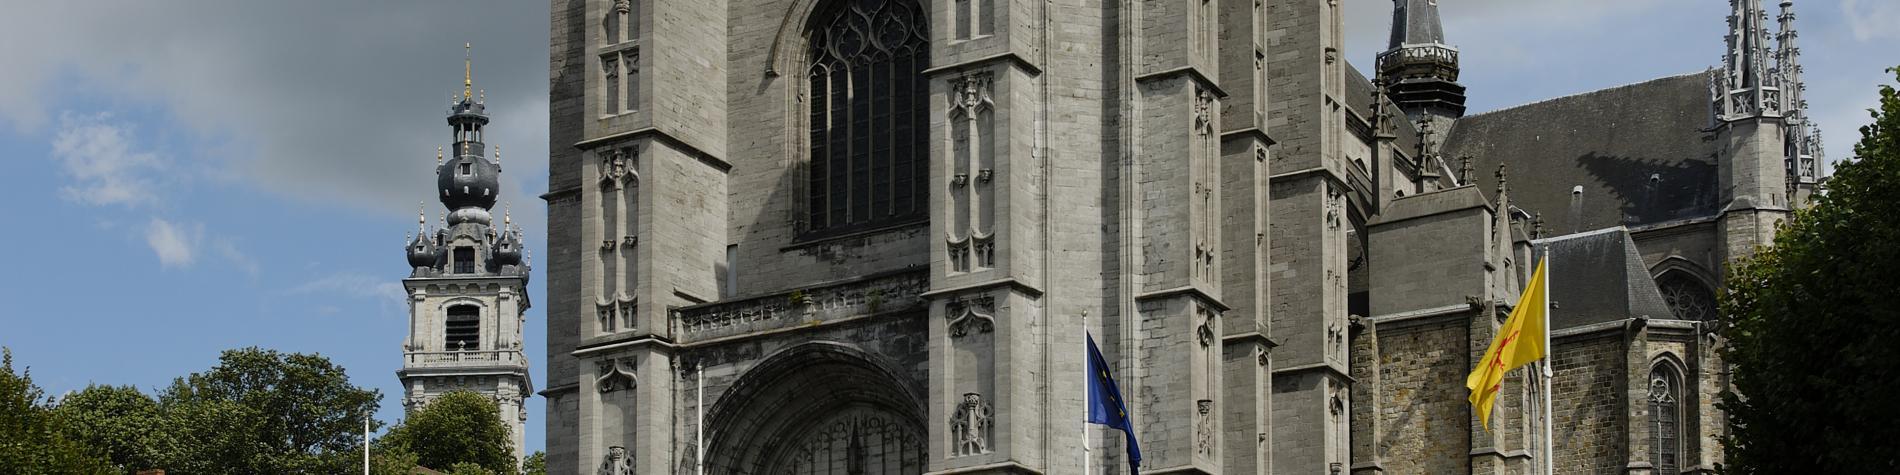 Collégiale - Sainte-Waudru - Mons